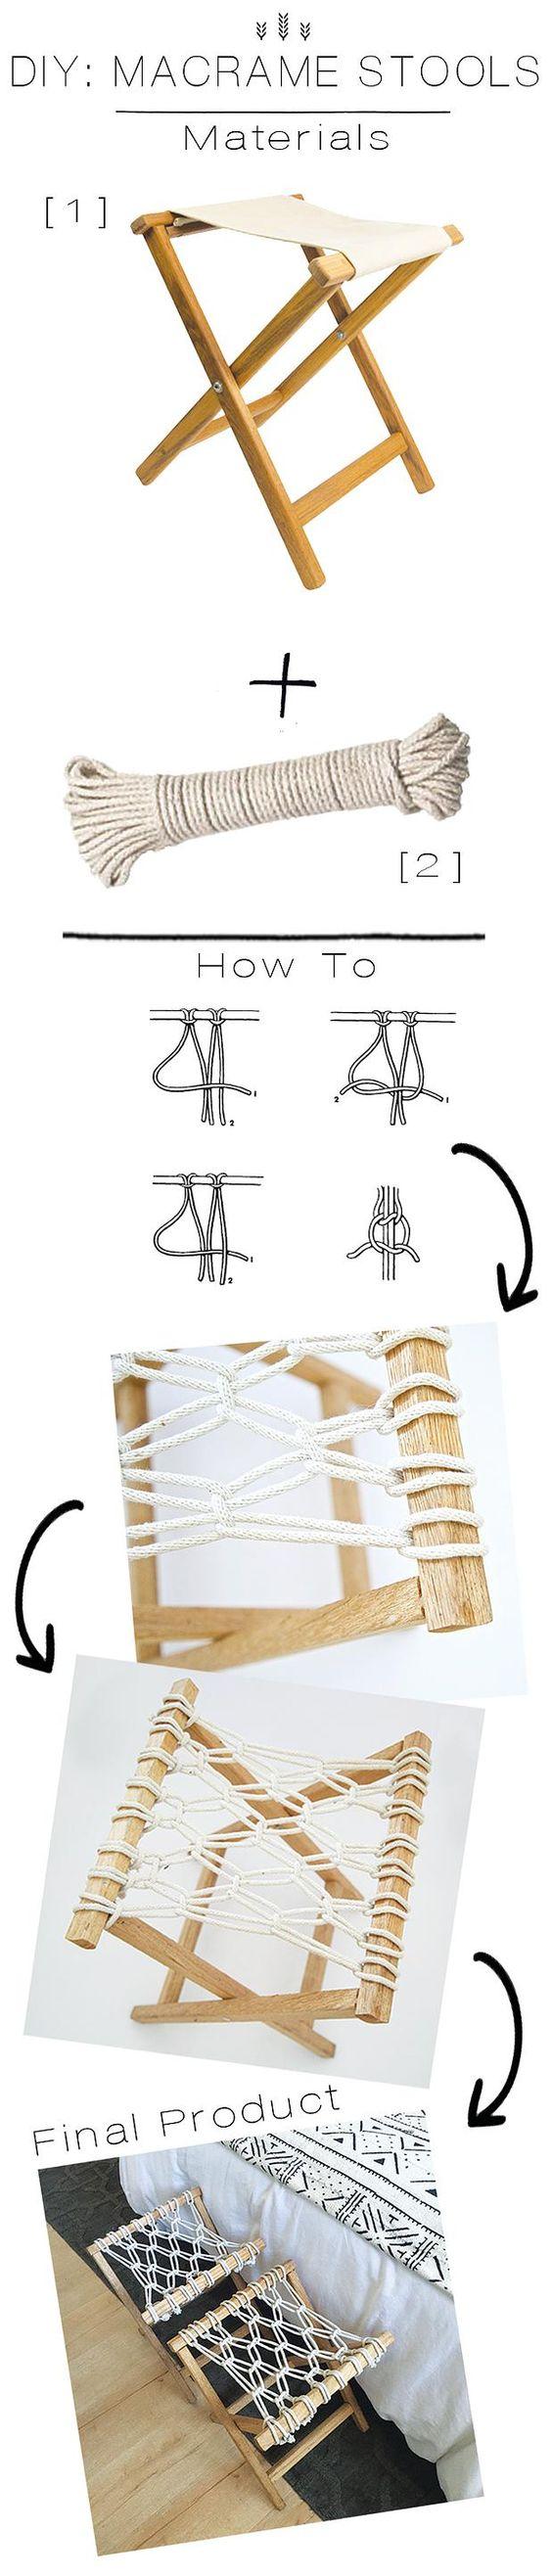 JDP Interiors | DIY: Macrame Stools: